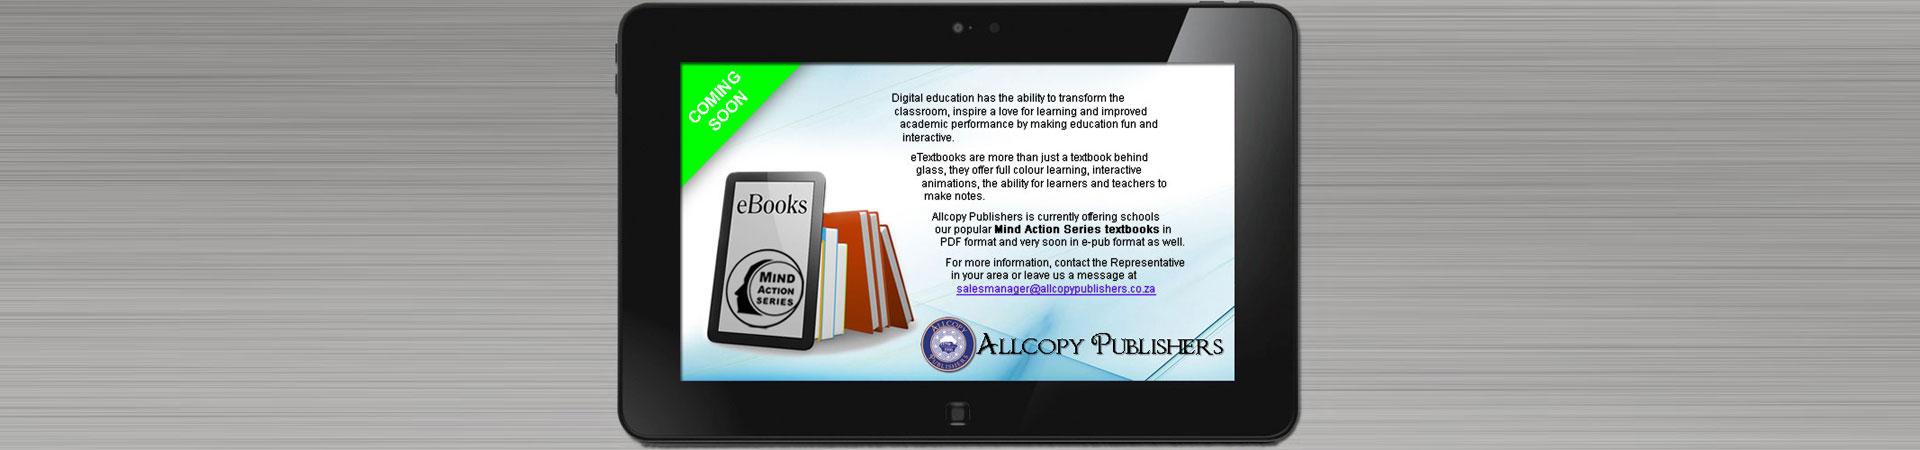 Allcopy publishers